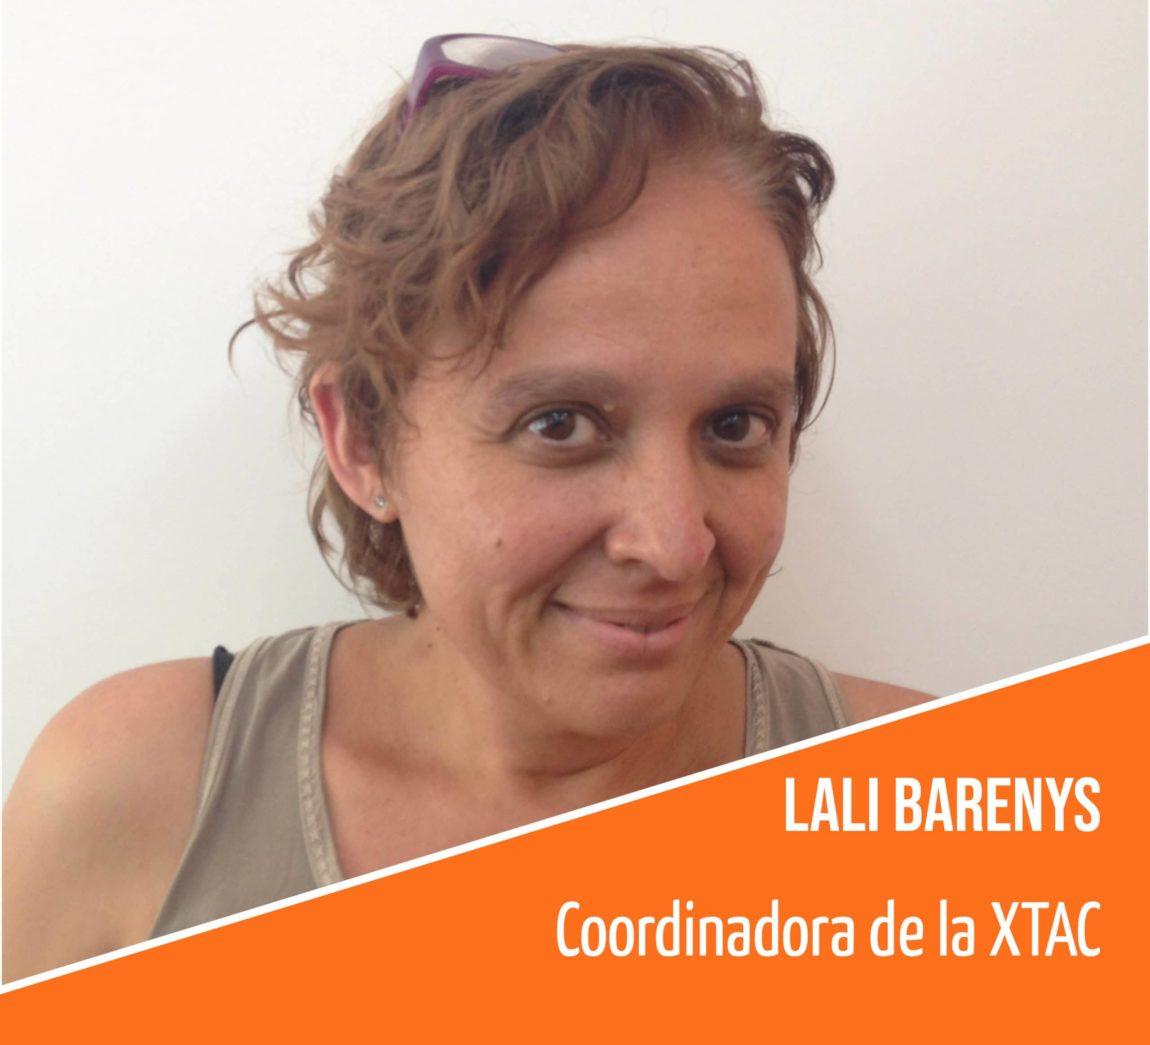 Coneix l'equip humà de la FAC: Lali Barenys, coordinadora de la XTAC